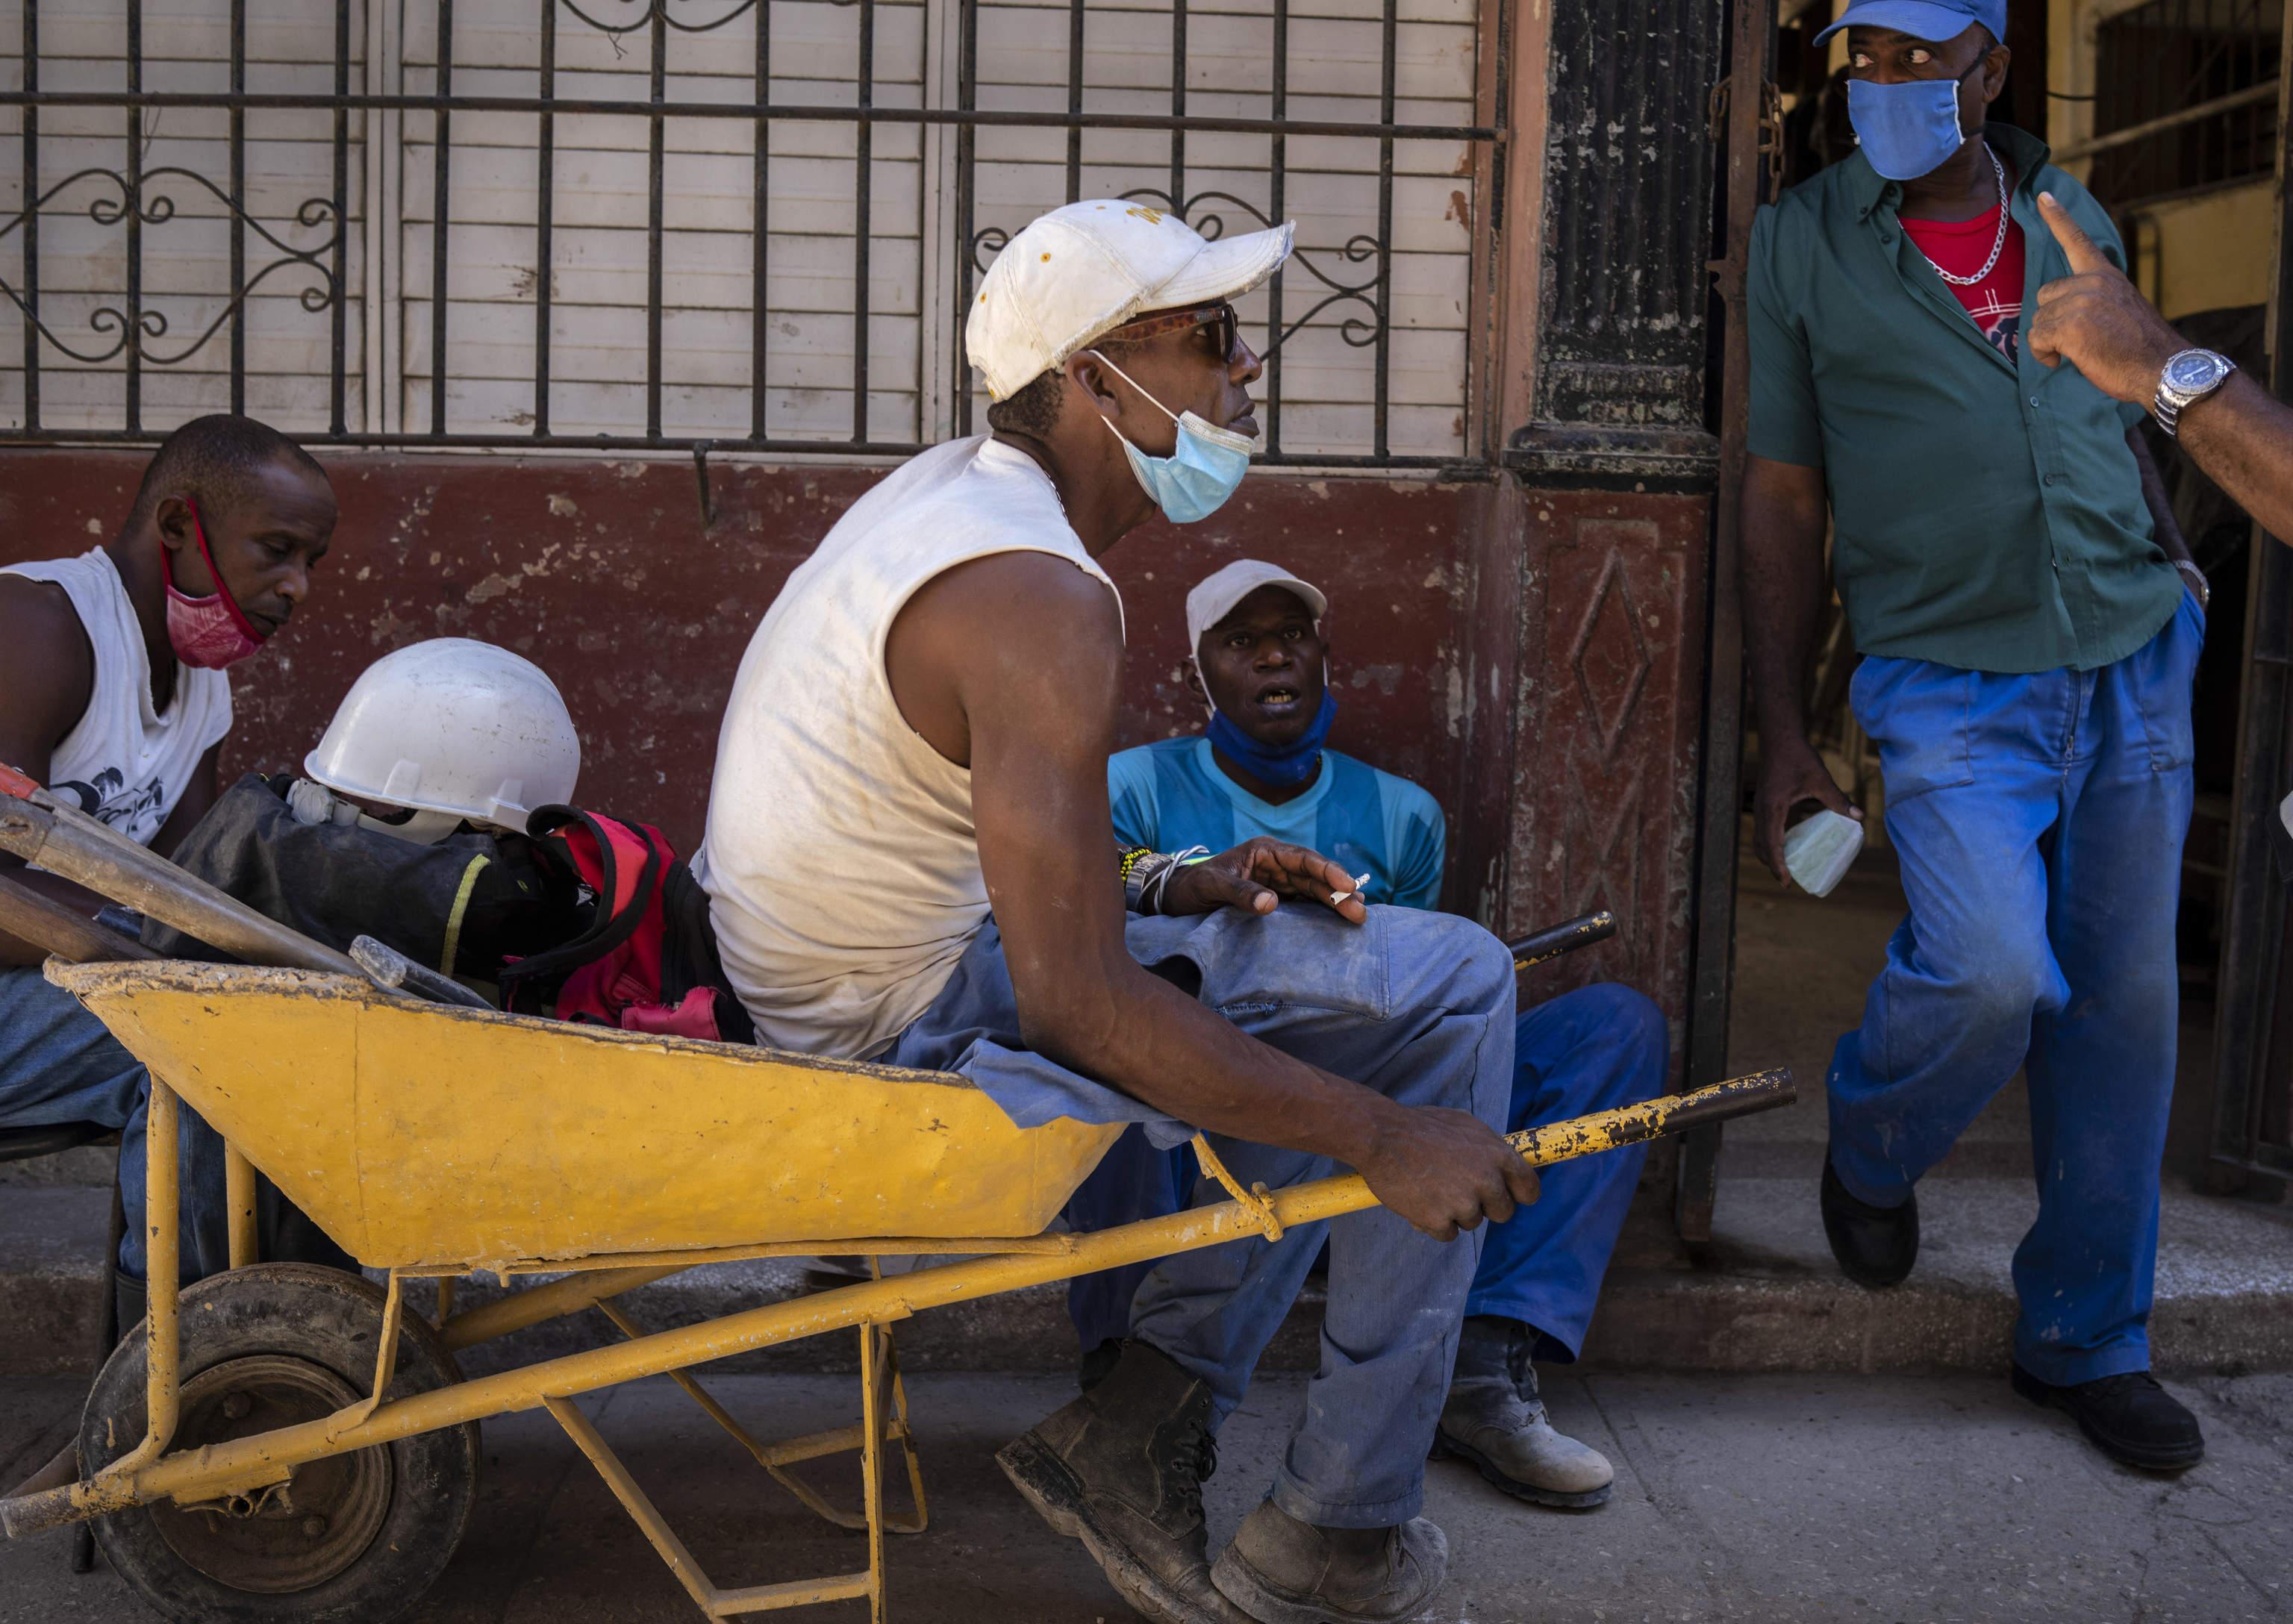 Trabajadores con mascarilla en una calle de La Habana.